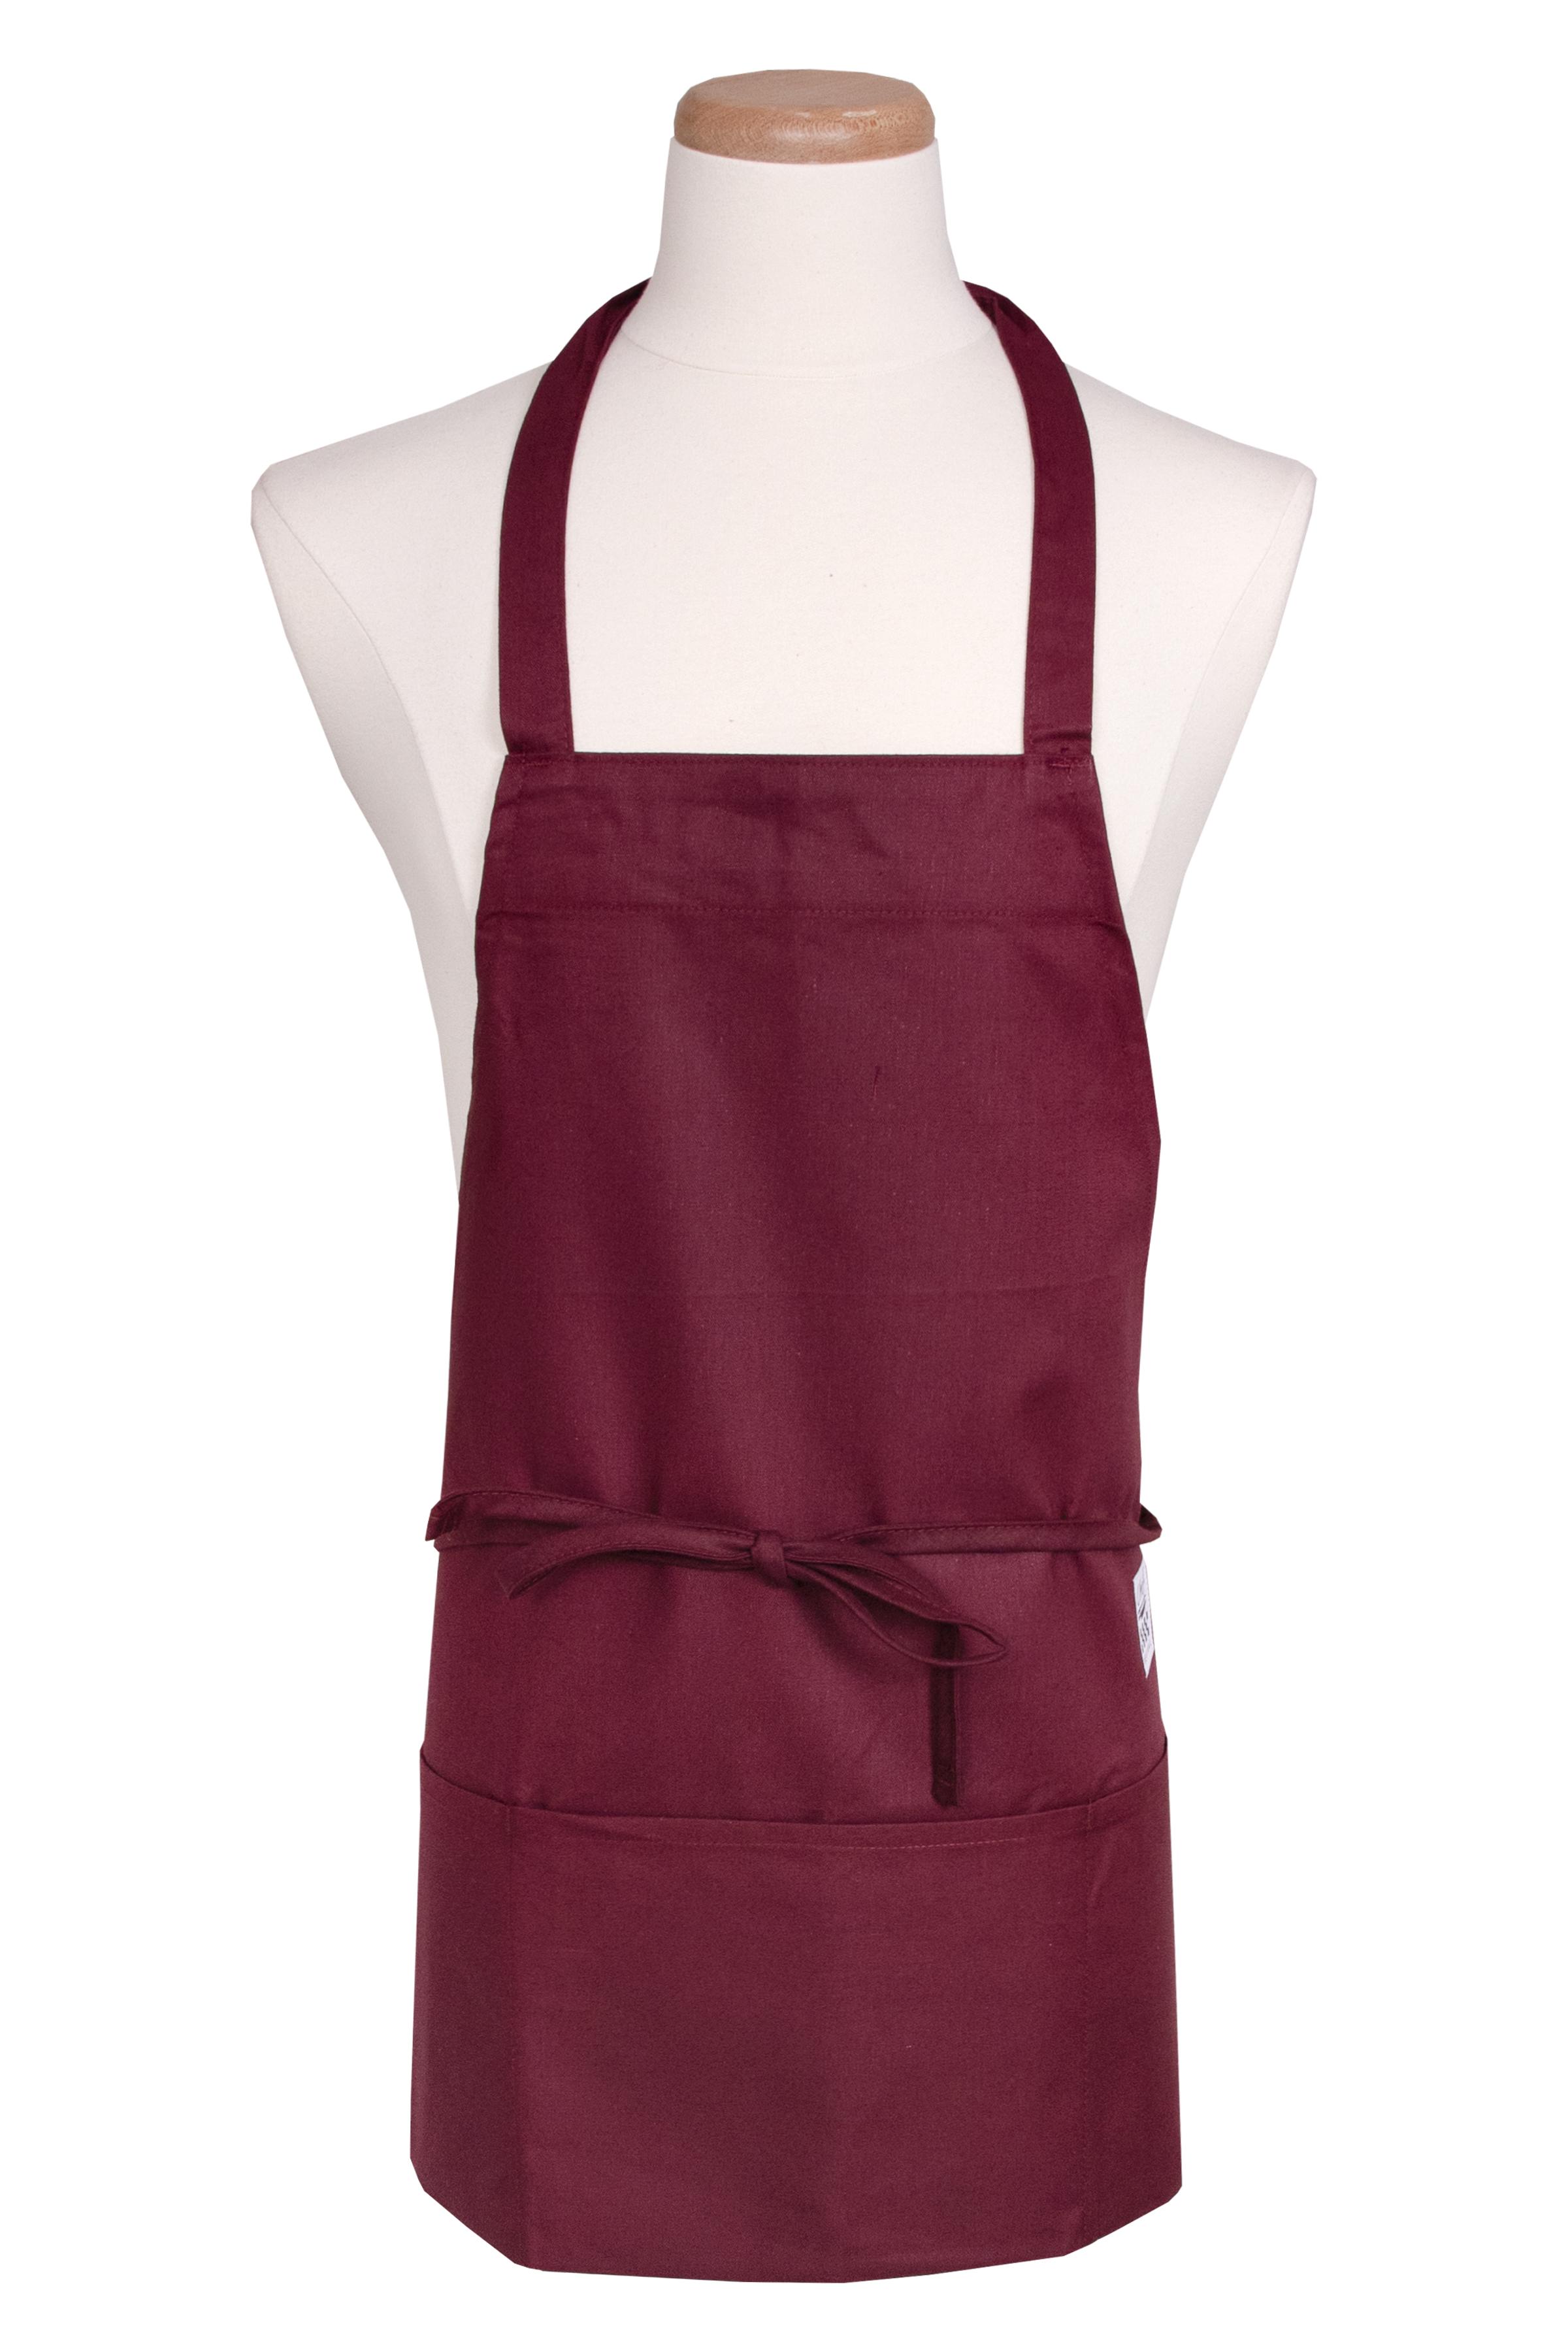 Chef Revival 602BAFH-BG bib apron